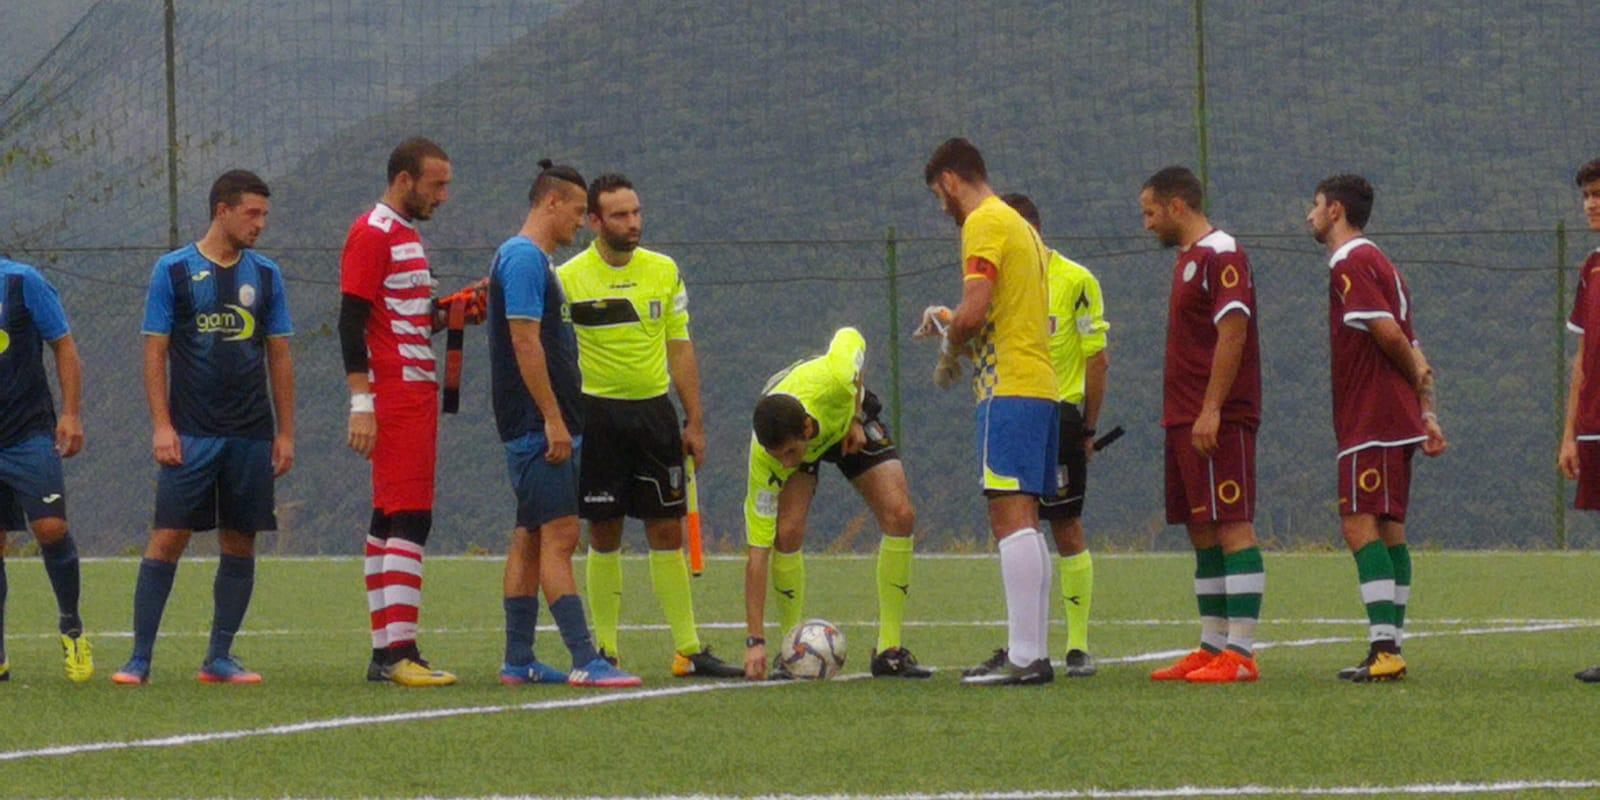 Coppa Italia regionale: il Vastogirardi è una macchina di reti. La squadra di Farine ne rifila sette al malcapitato F.W.P. Matese. Qualificazione a punteggio pieno.